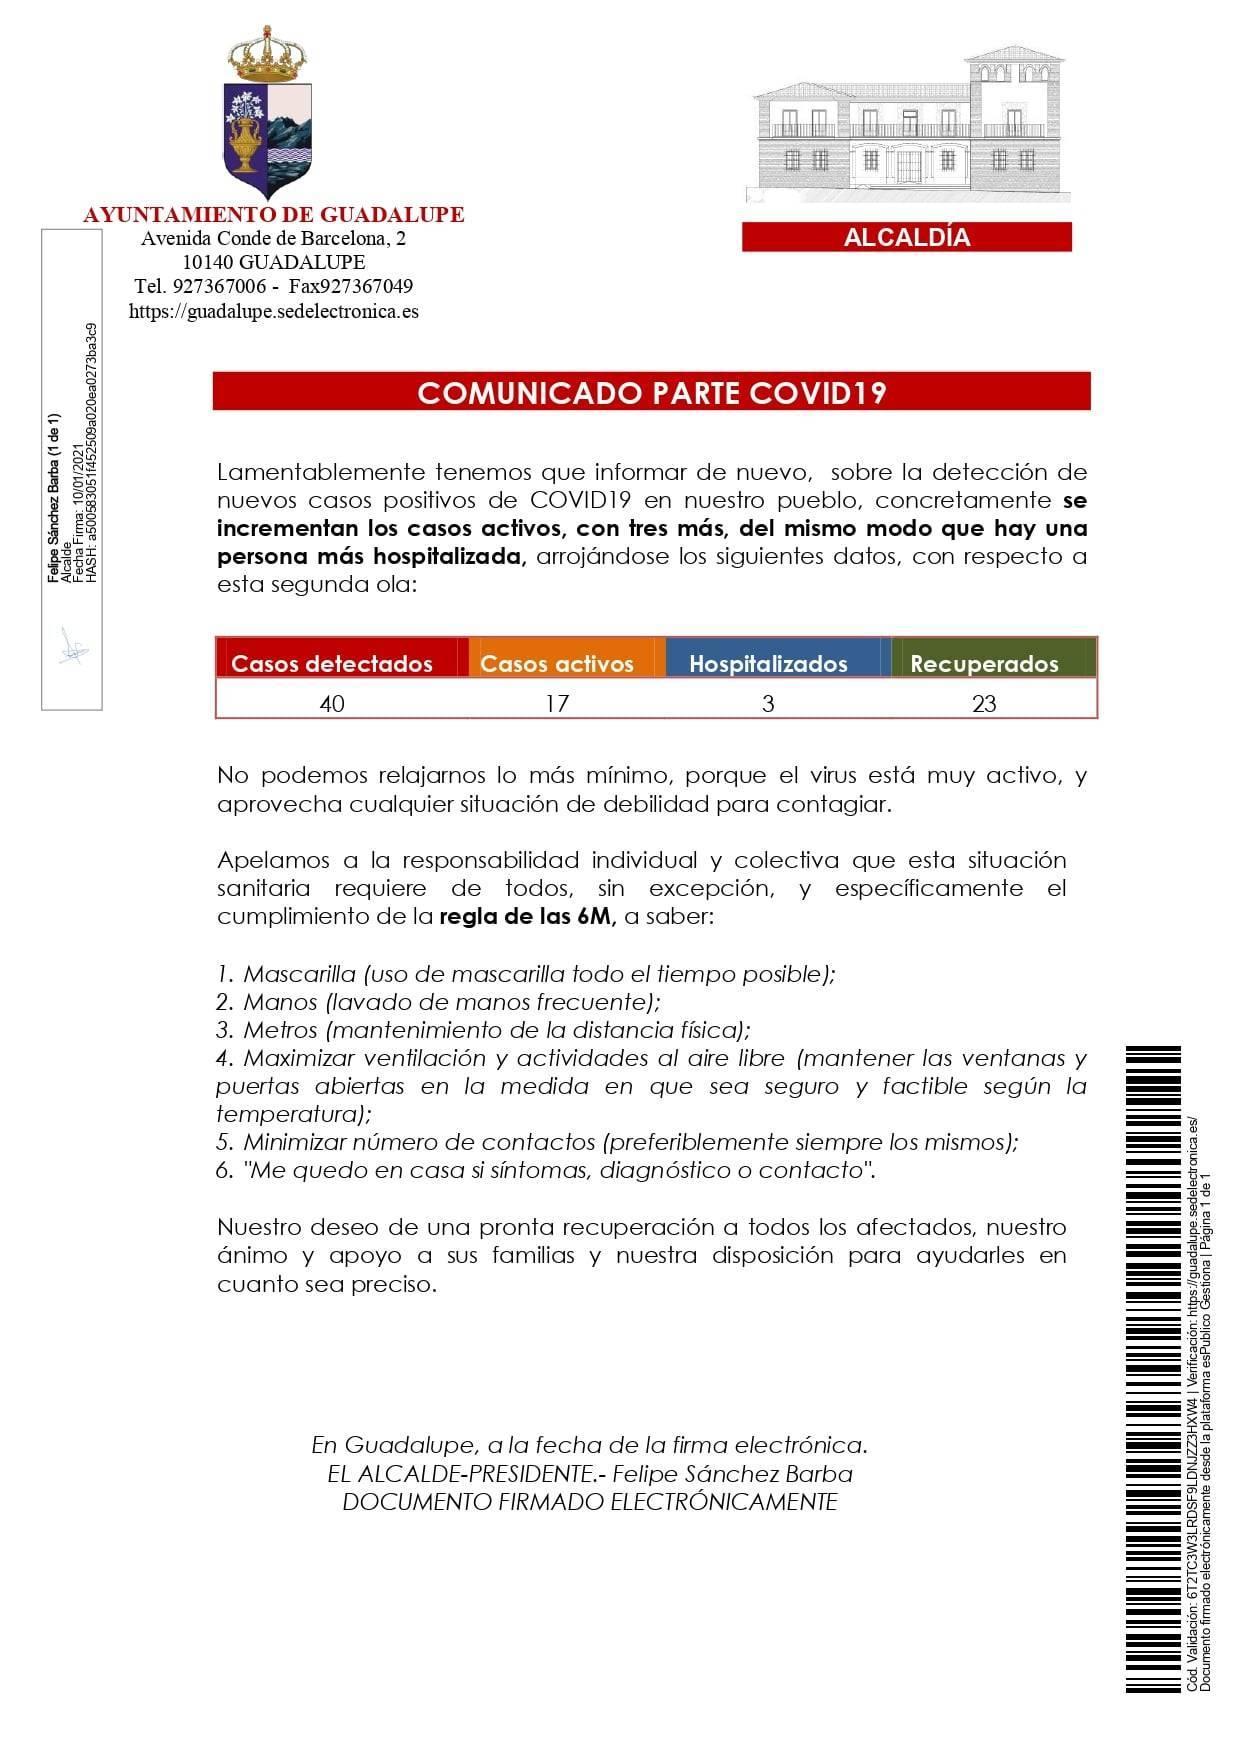 Nuevo hospitalizado y 3 casos positivos de COVID-19 (enero 2021) - Guadalupe (Cáceres) 1